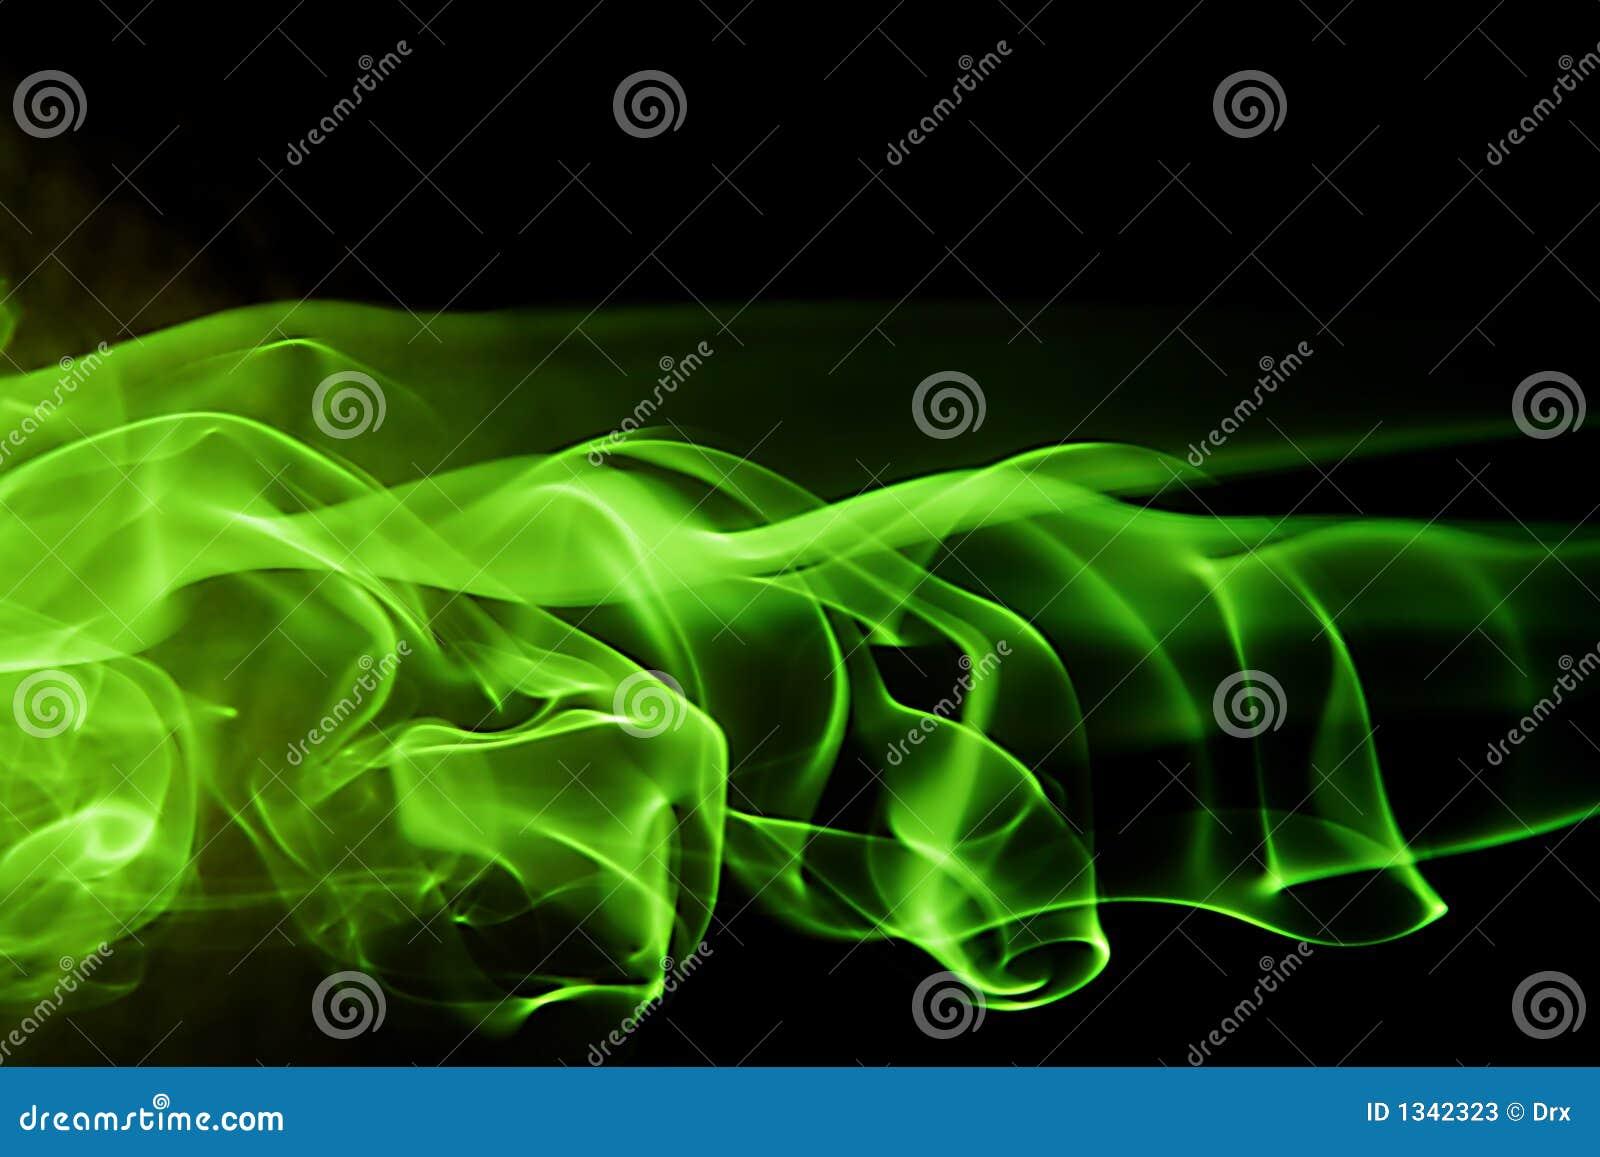 Dimensión de una variable abstracta del fondo - humo verde